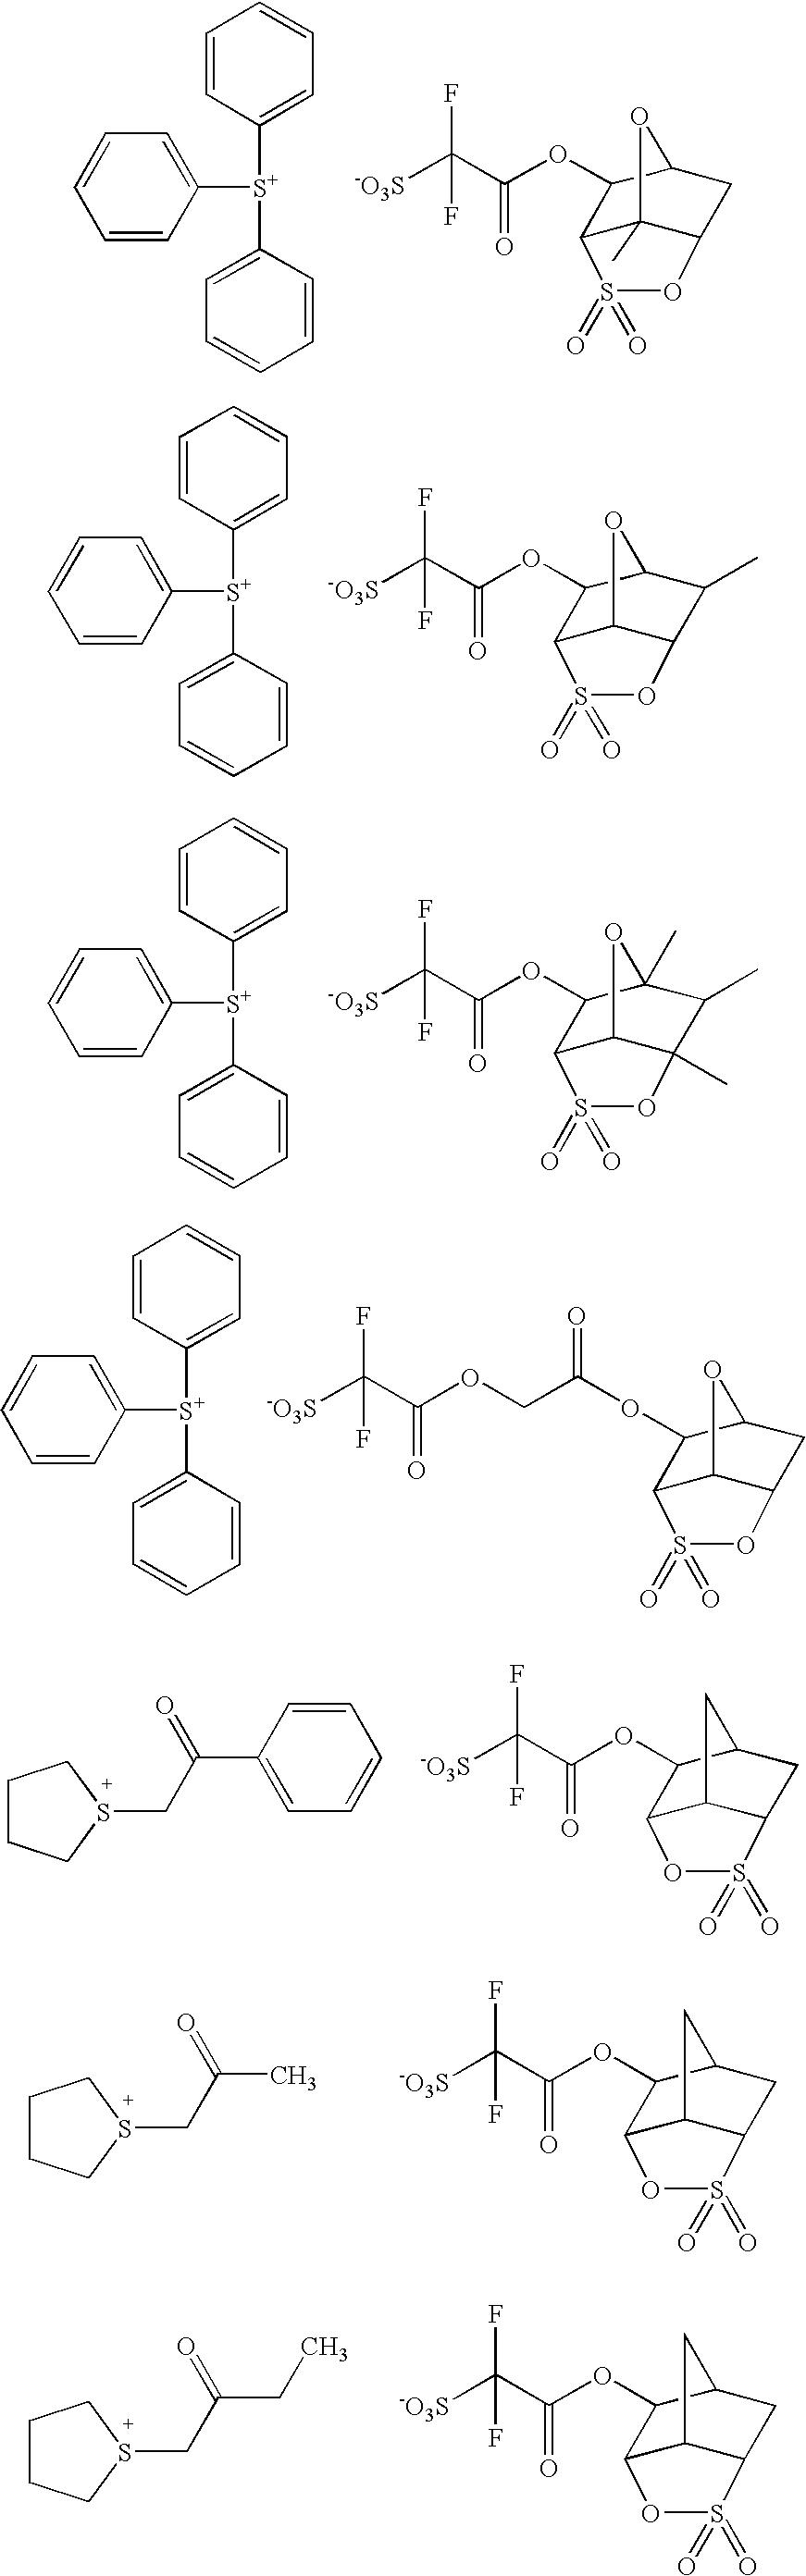 Figure US20100323296A1-20101223-C00156